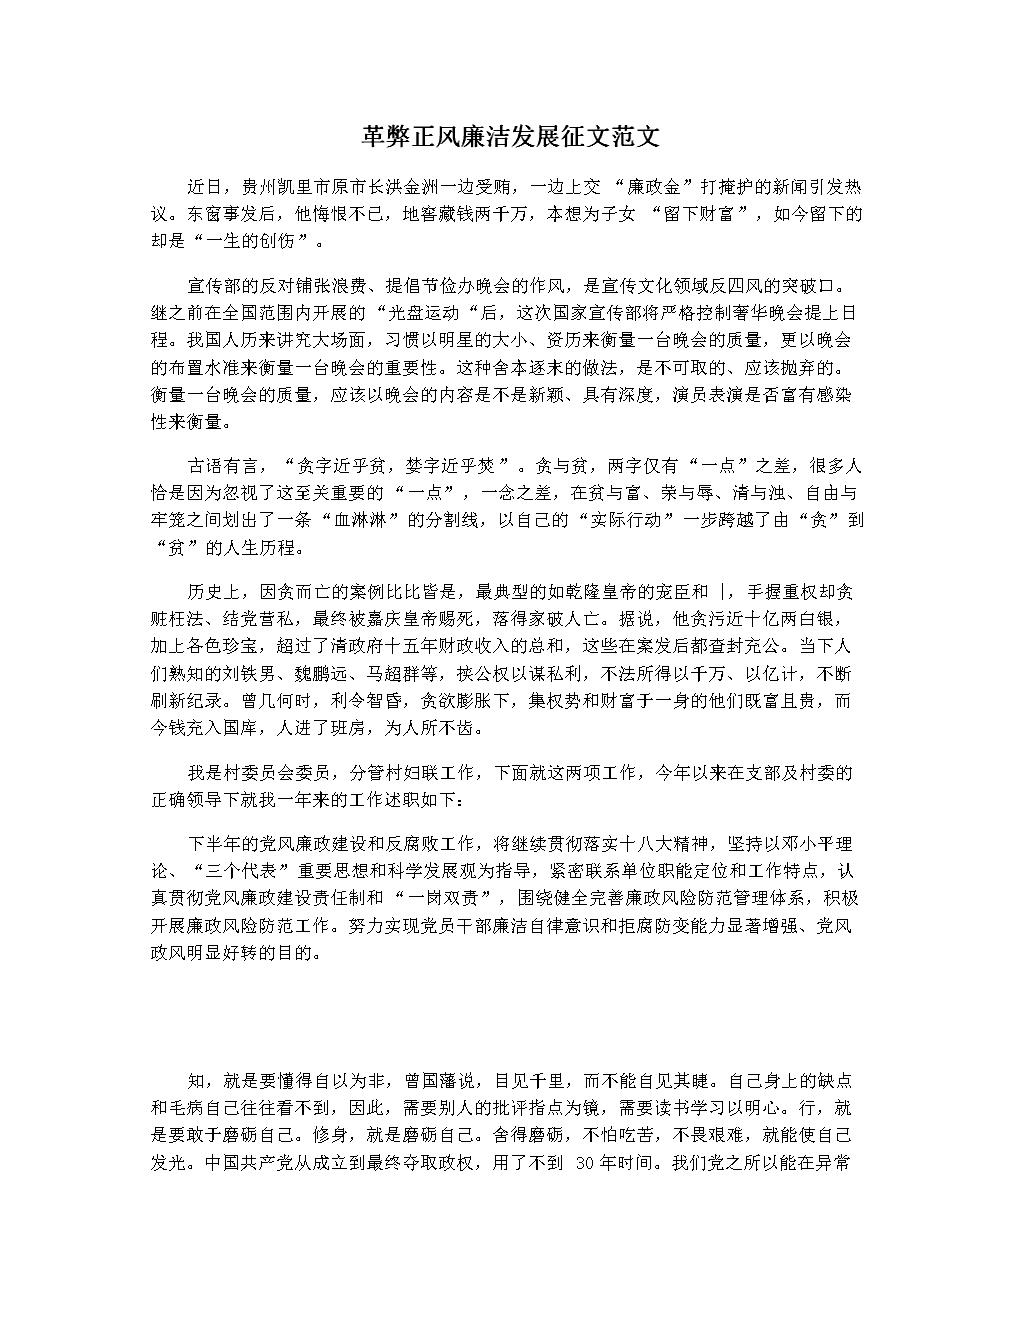 革弊正风廉洁发展征文范文.docx